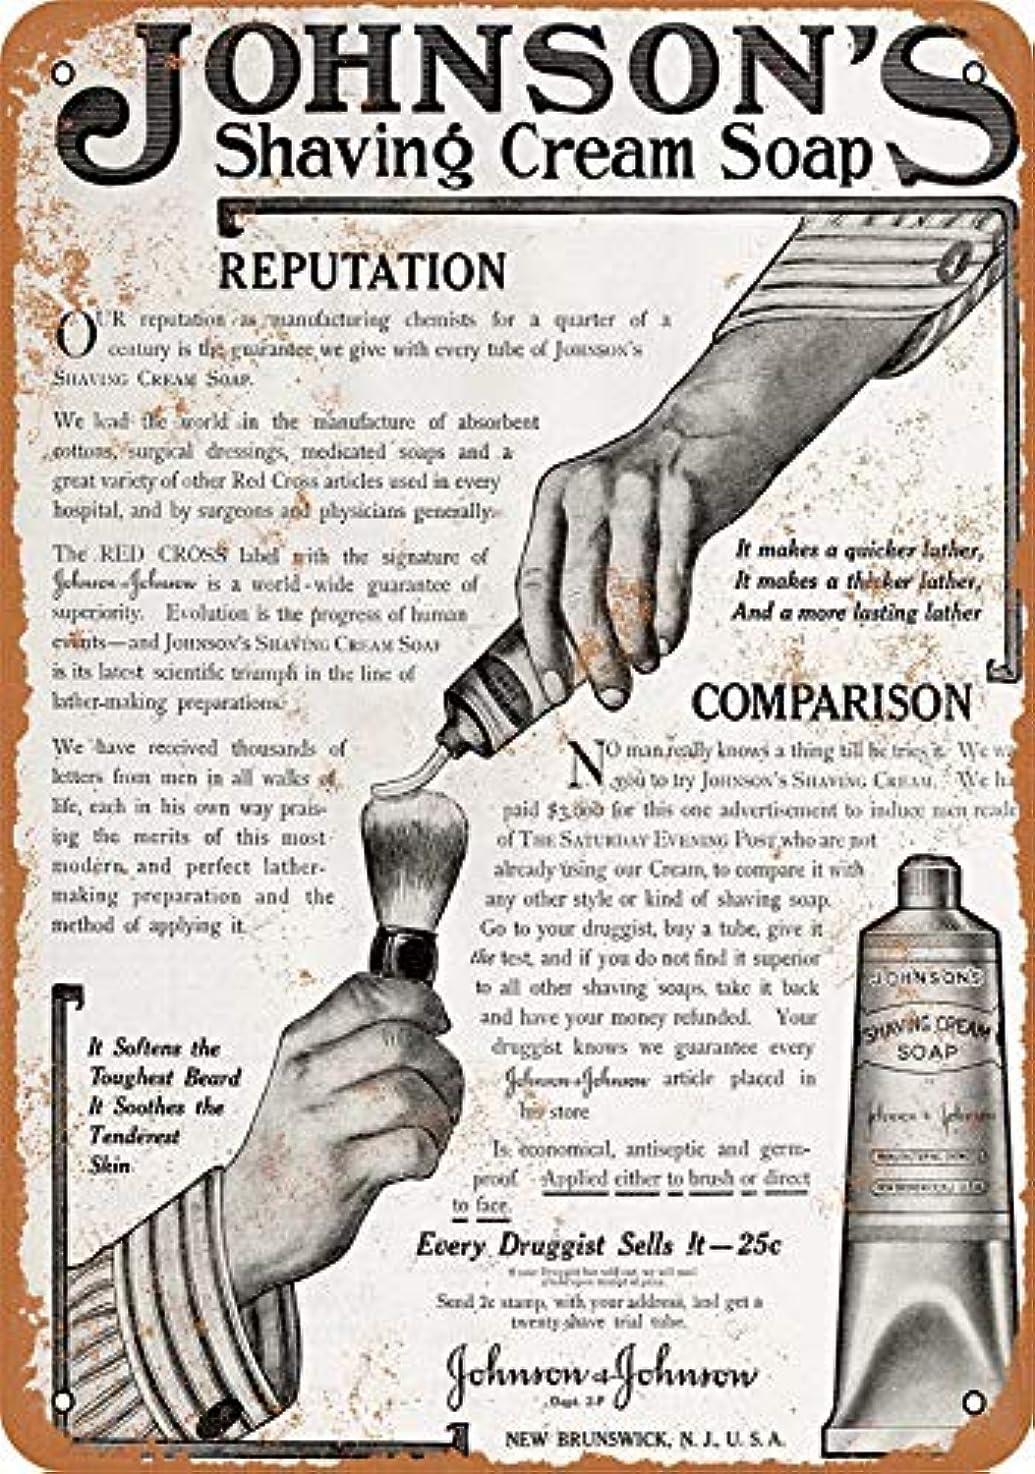 不毛合理化乳白色[ZUNYI]おしゃれ 雑貨 ブリキ看板 Johnson's Shaving Cream Soap レトロスタイル 壁の装飾、家、パブ、ビール、ガレージ、庭、コーヒー[20x30cm]